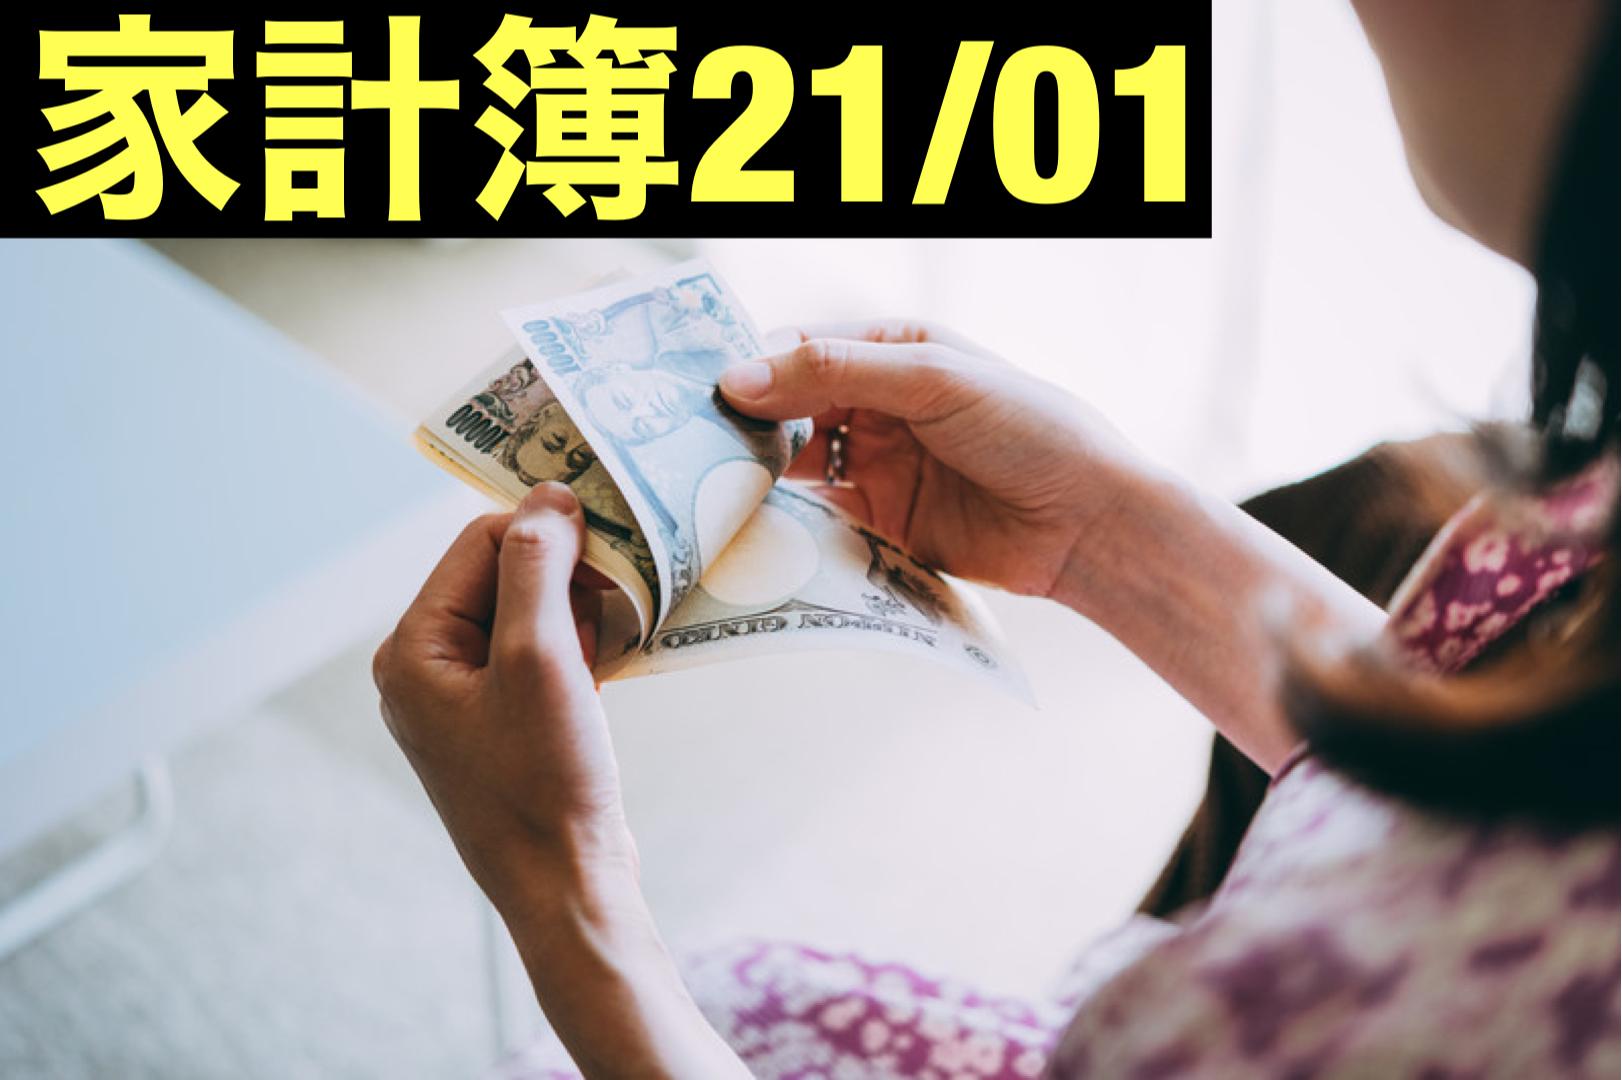 【30代】家計簿公開・21年01月【1人暮らし】